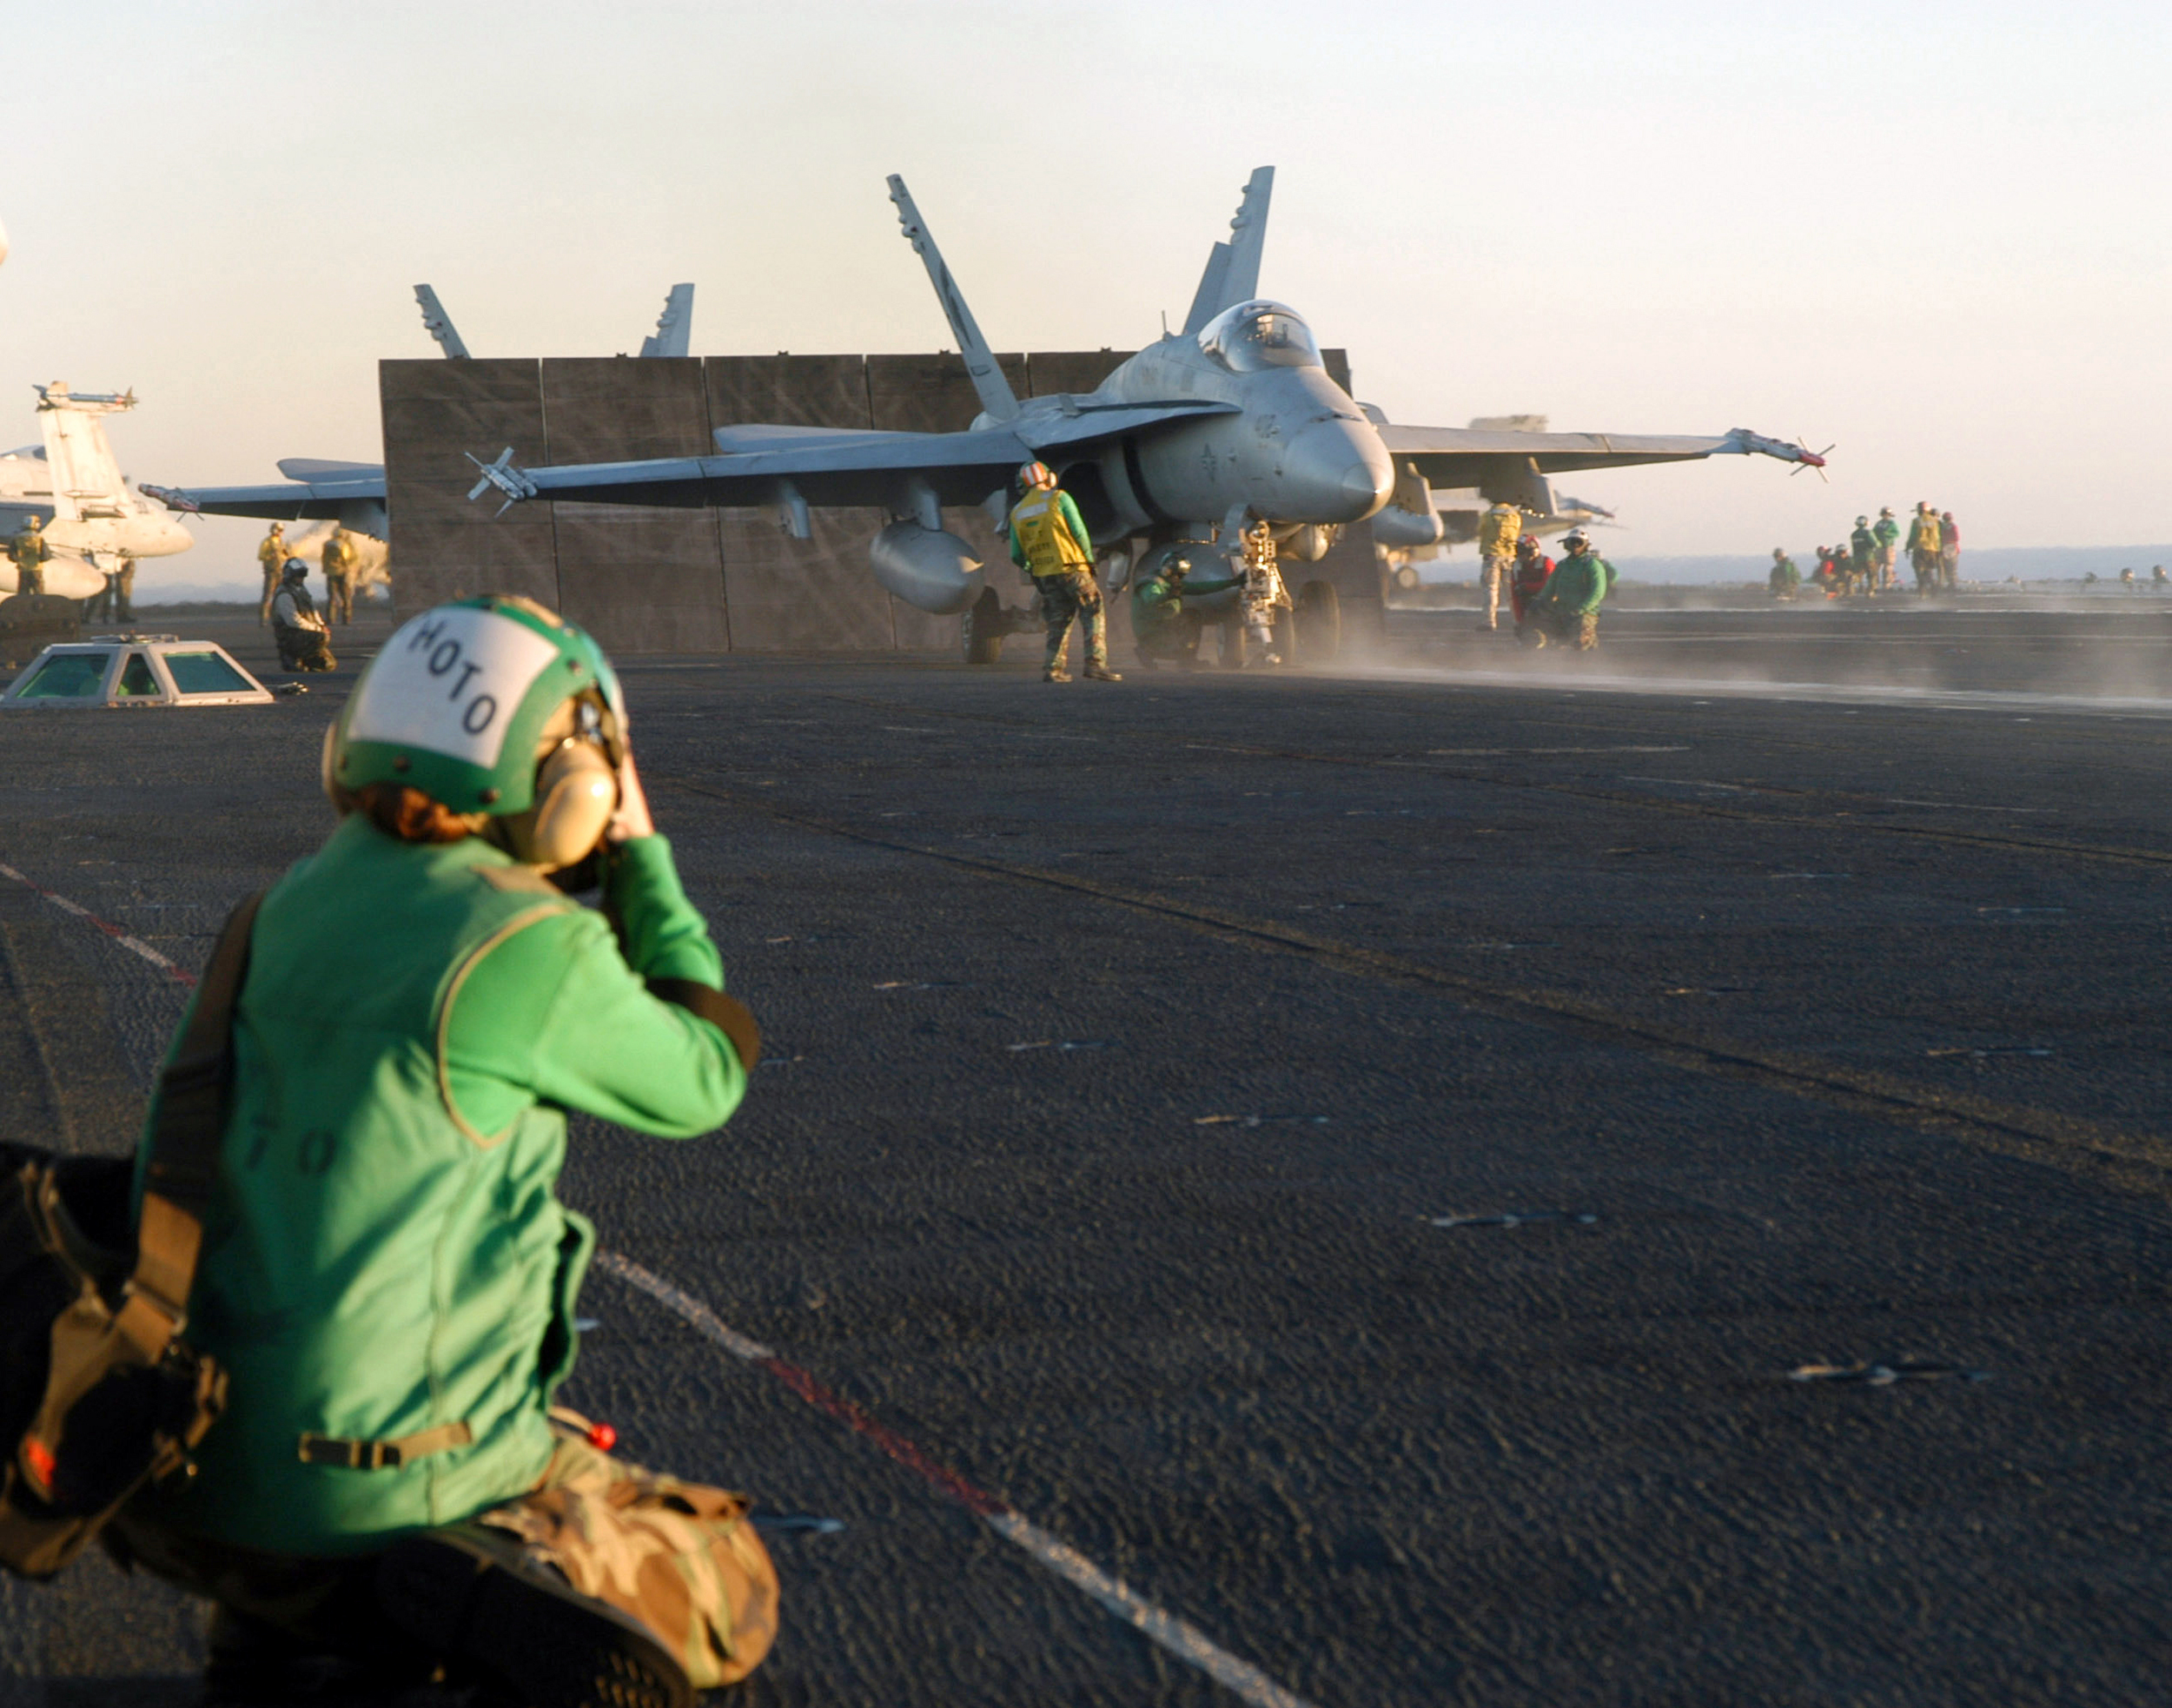 US_Navy_021121-N-0233J-001_Flight_deck_photographer_Petty_Officer_2nd_Class_Inez_Lawson_prepares_to_photograph_an_F-A-18C_Hornet.jpg